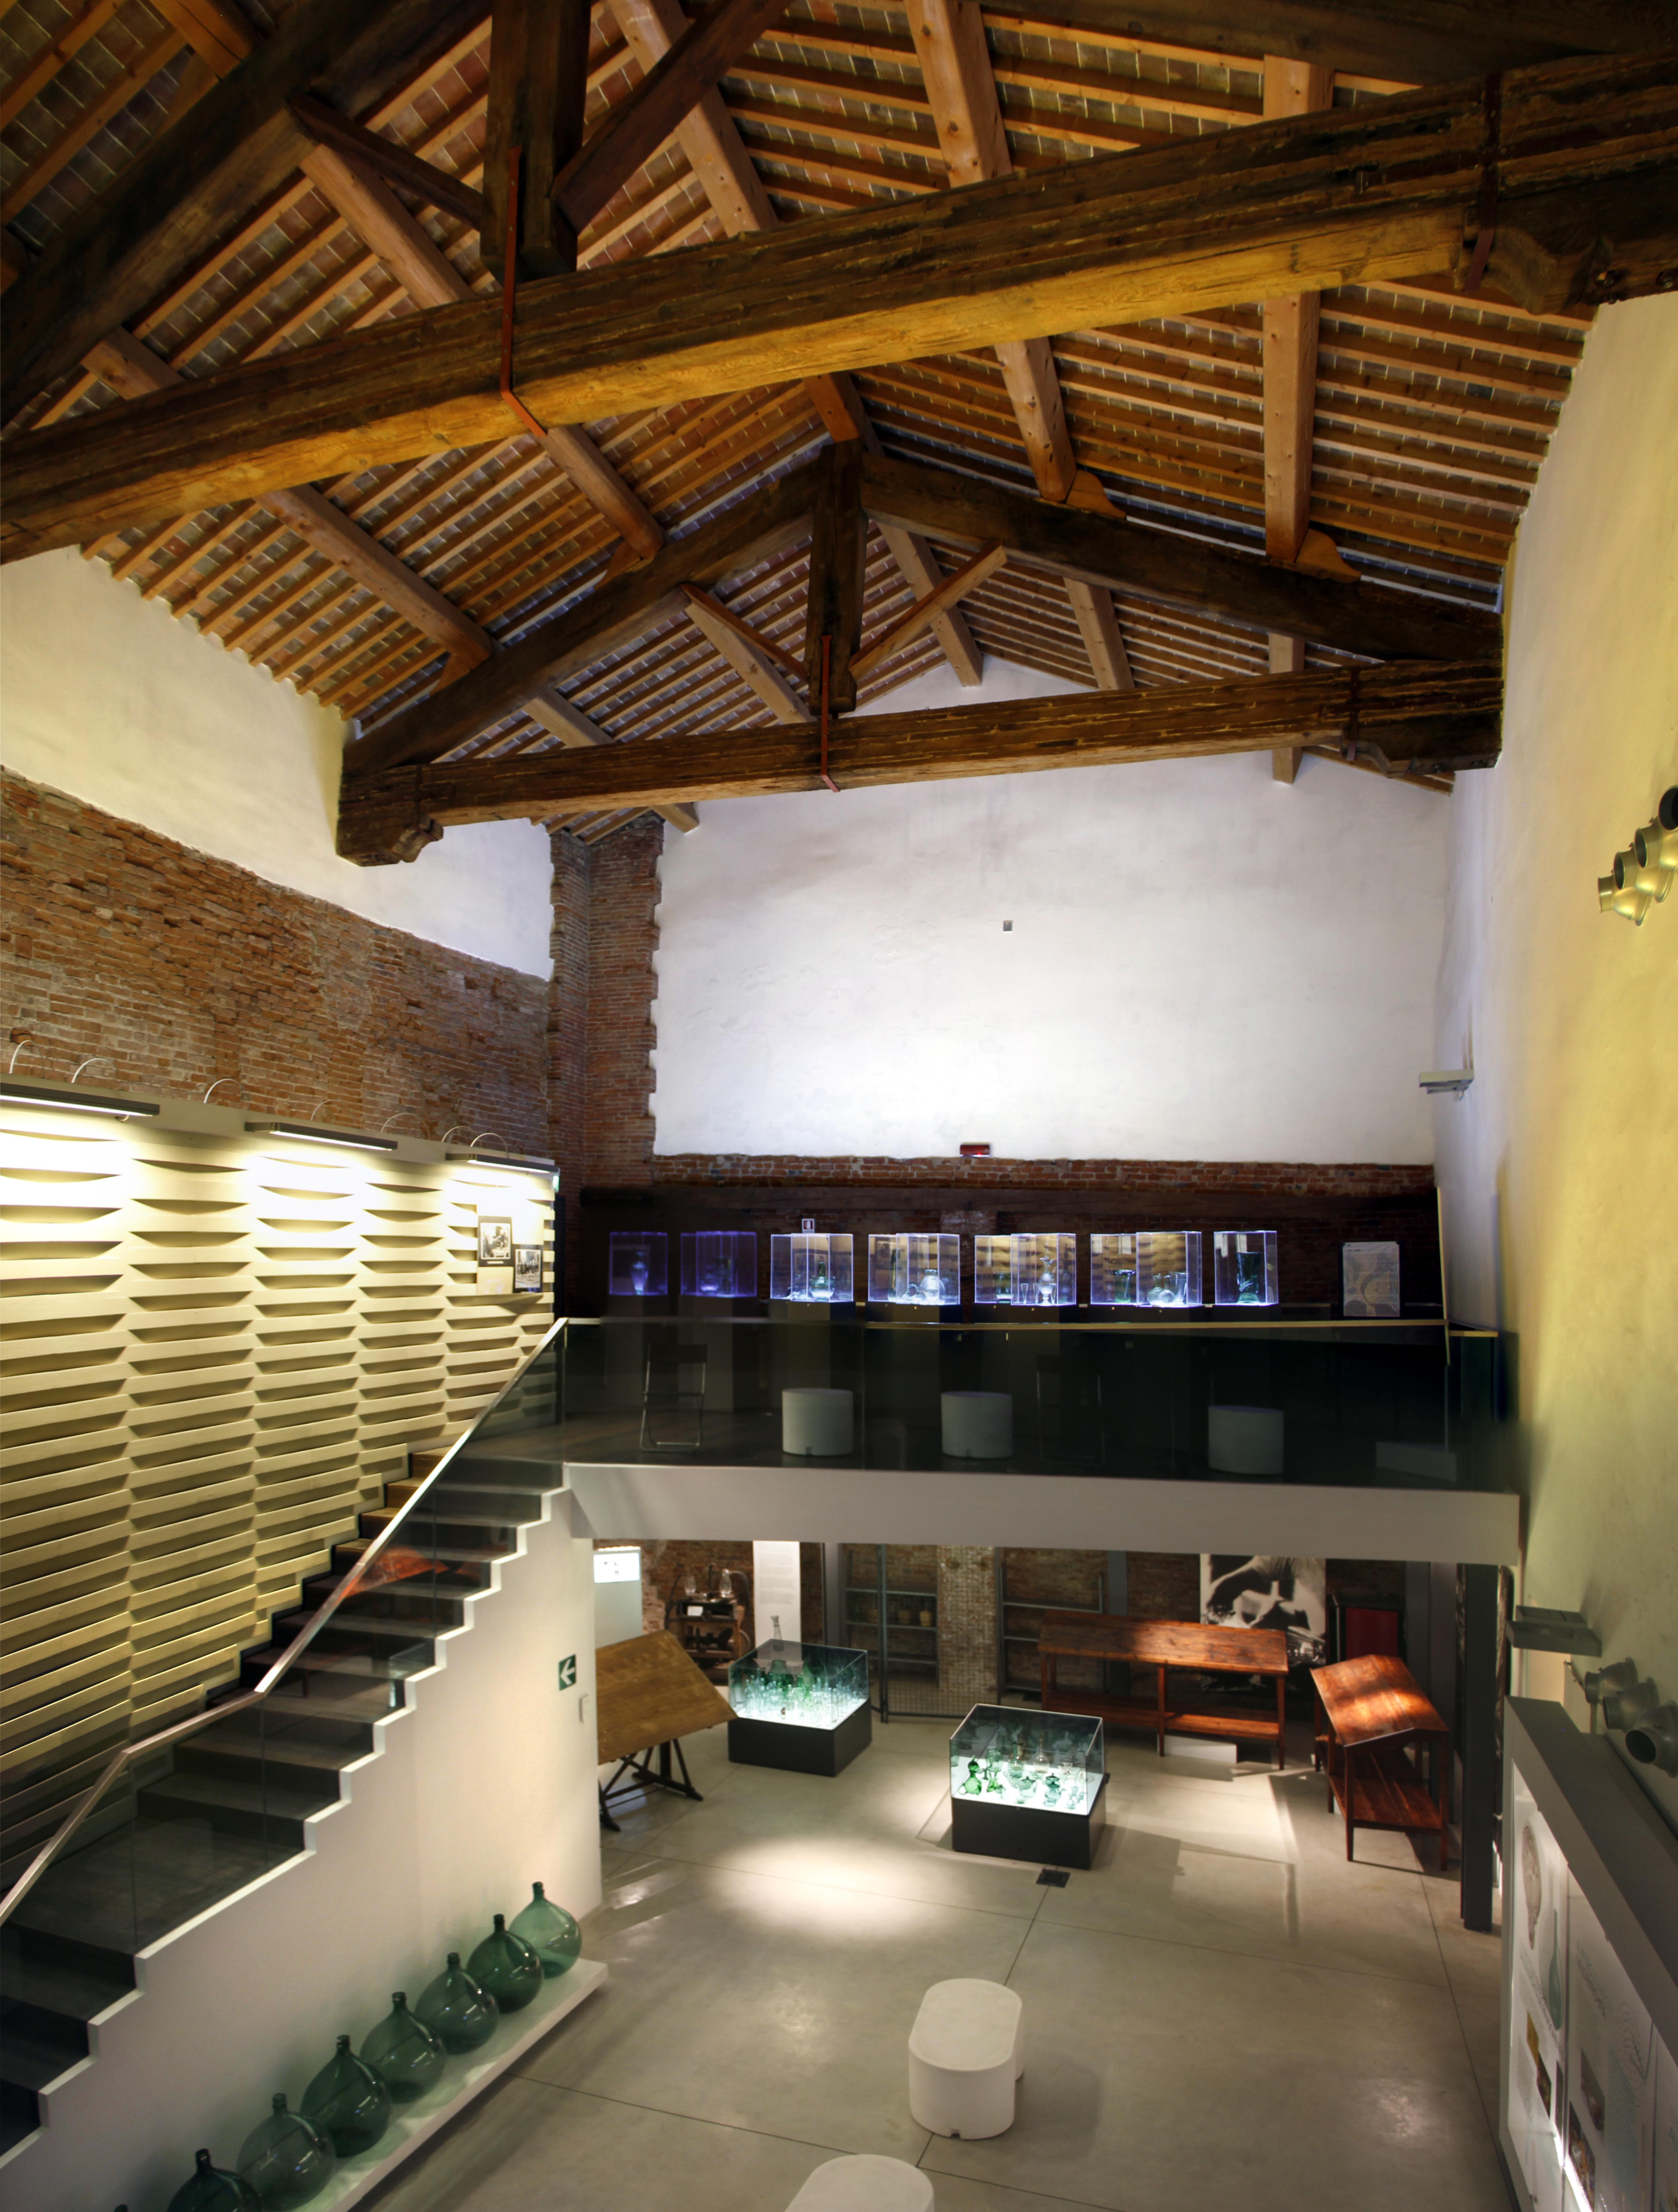 Museo Del Vetro.File Empoli Museo Del Vetro Interno 00 2 Jpg Wikimedia